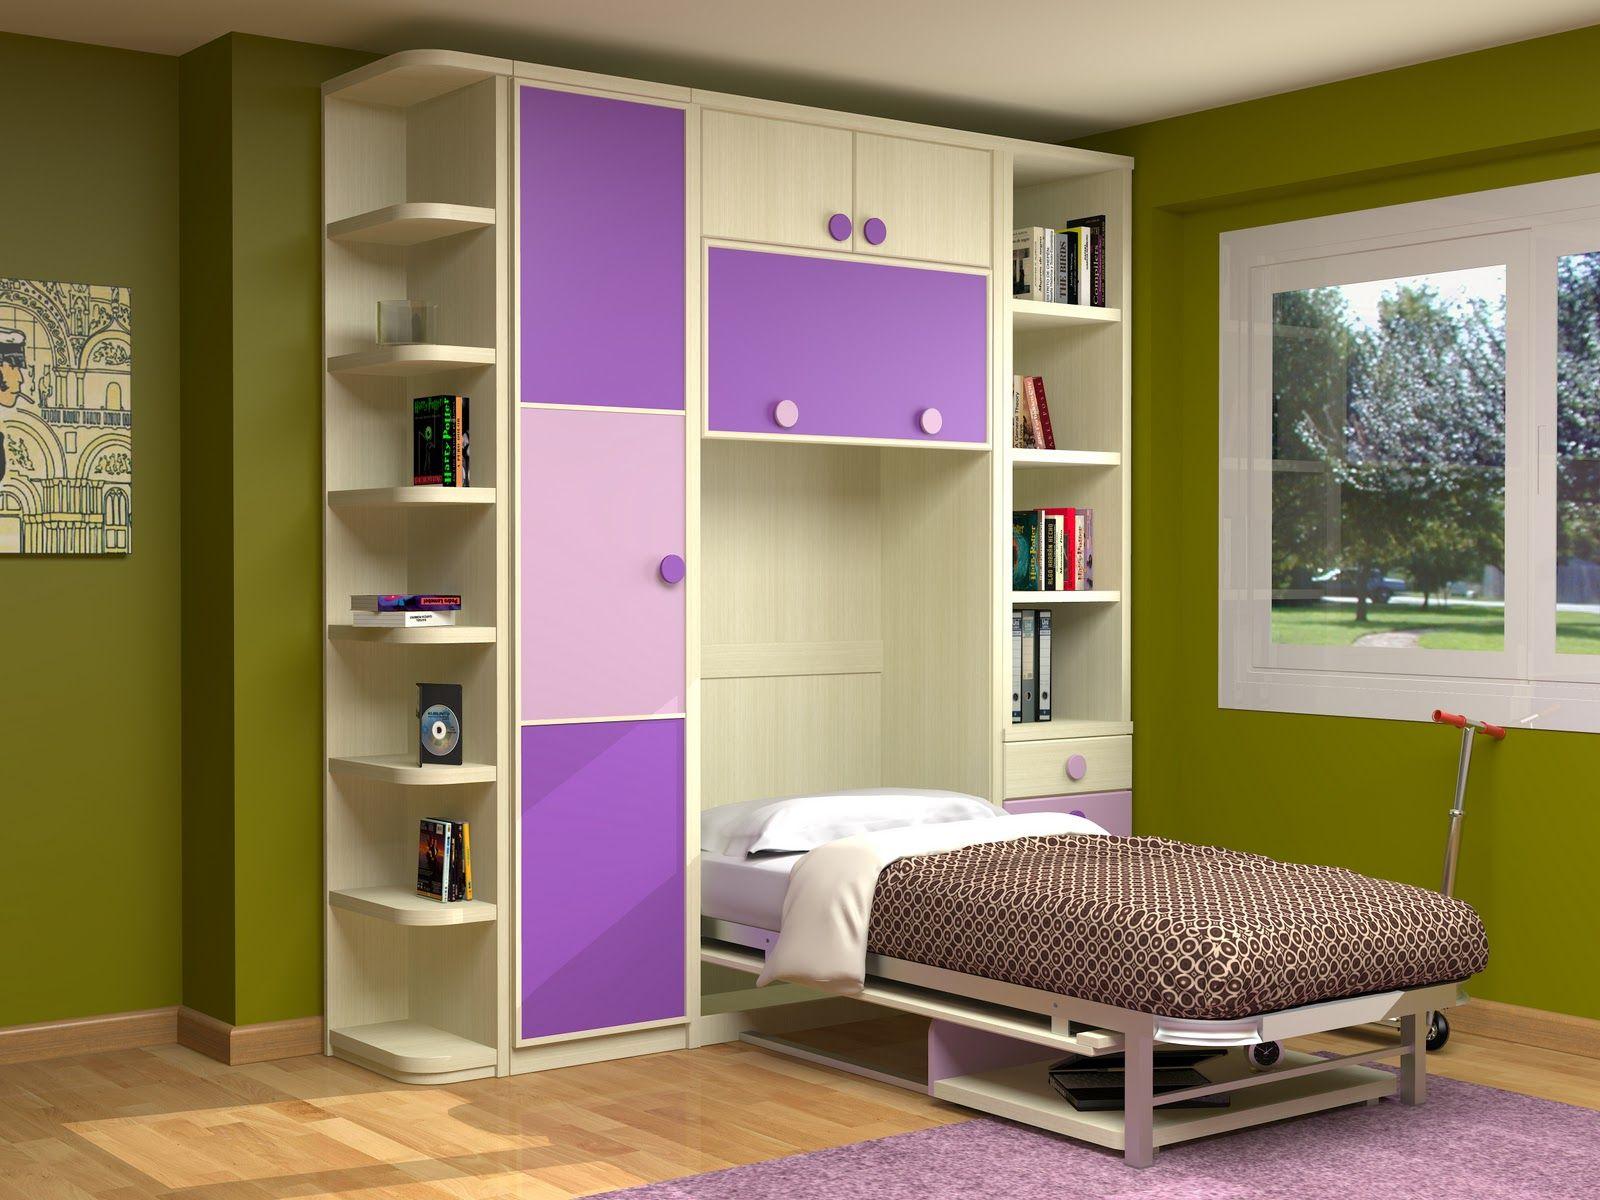 Tienda de mueble juvenil infantil dormitorios juveniles en for Mueble juvenil cama abatible